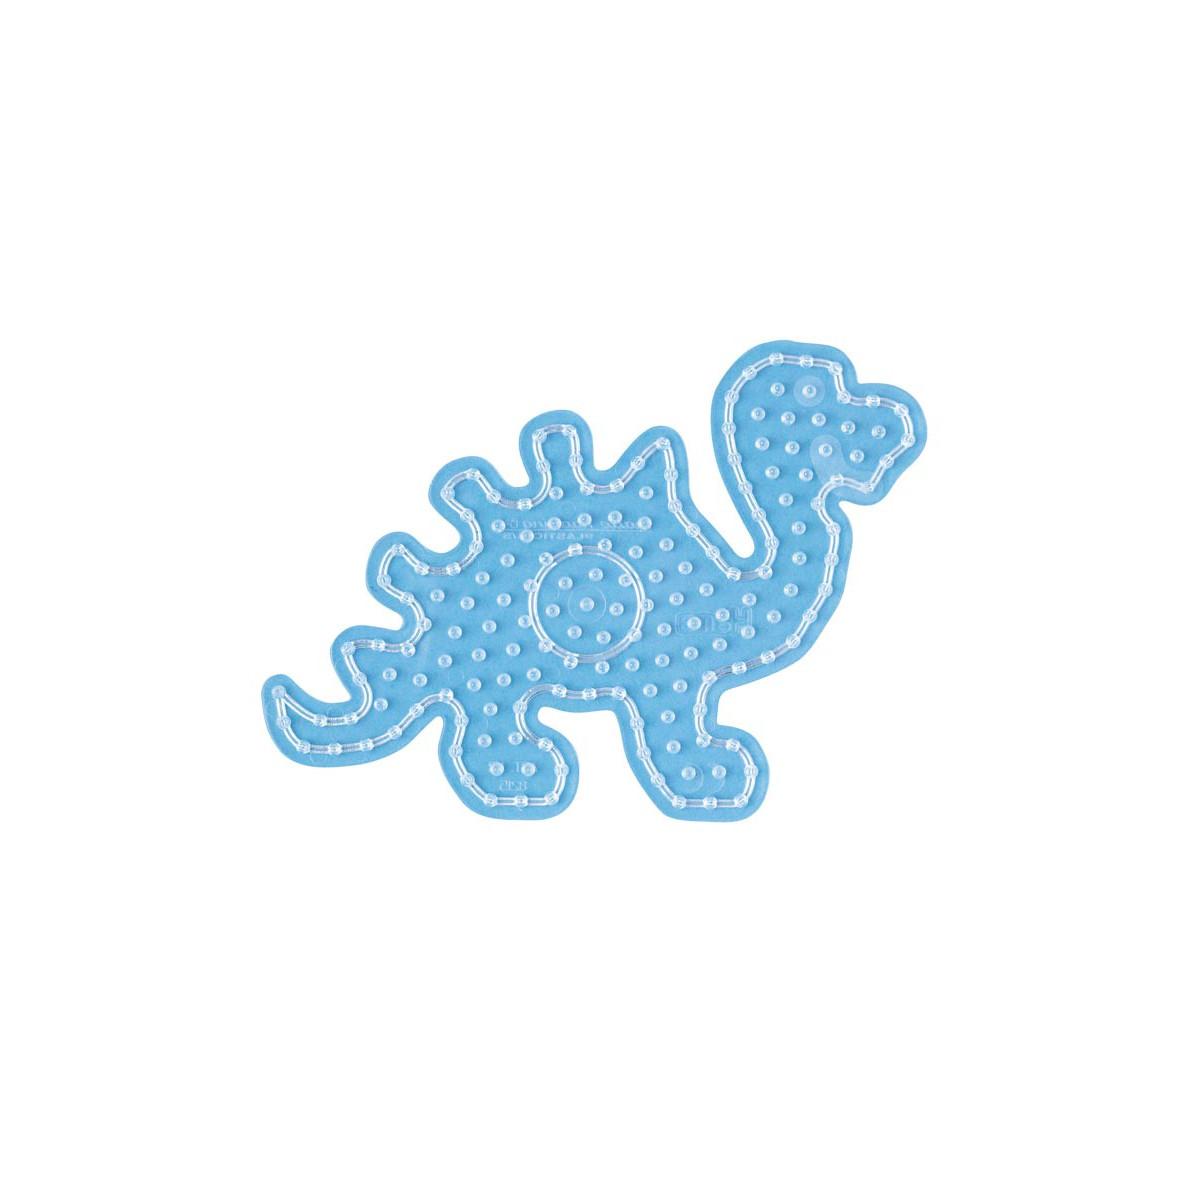 Hama Maxi Pärlplatta 8215 Dinosaur Transparent - 1 st - Rito.se d669be6970613